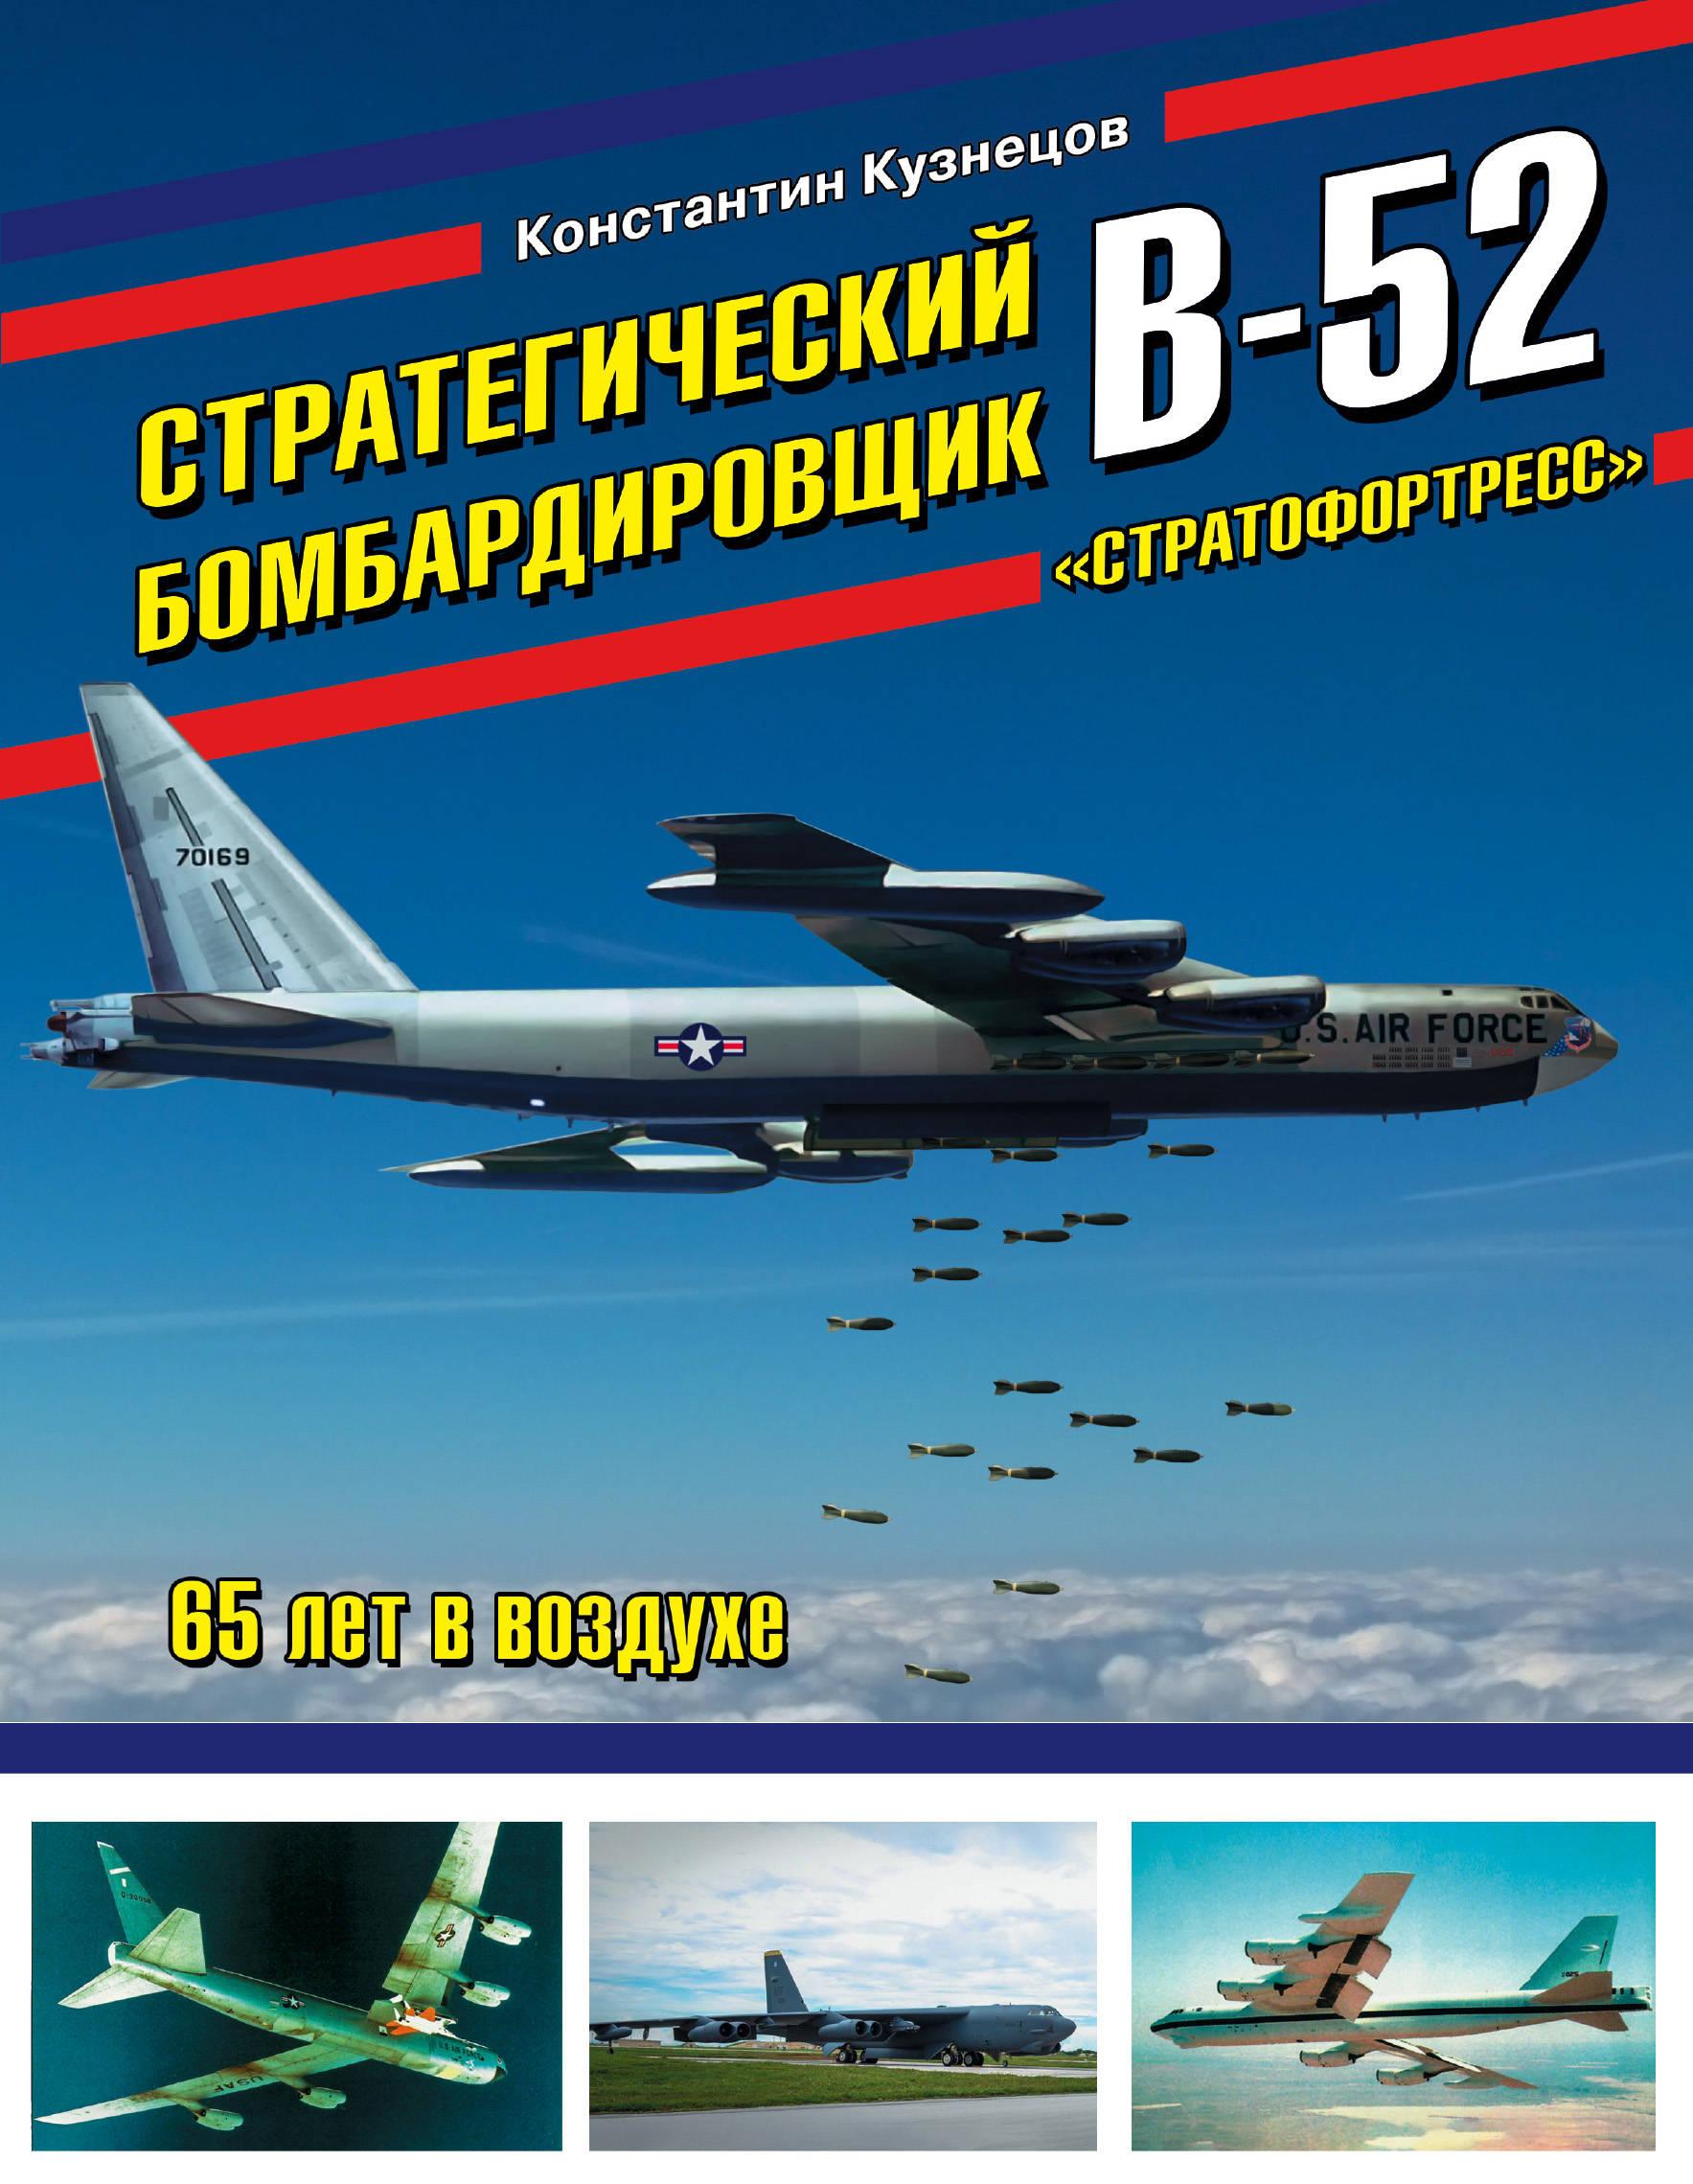 Константин Кузнецов Стратегический бомбардировщик В-52